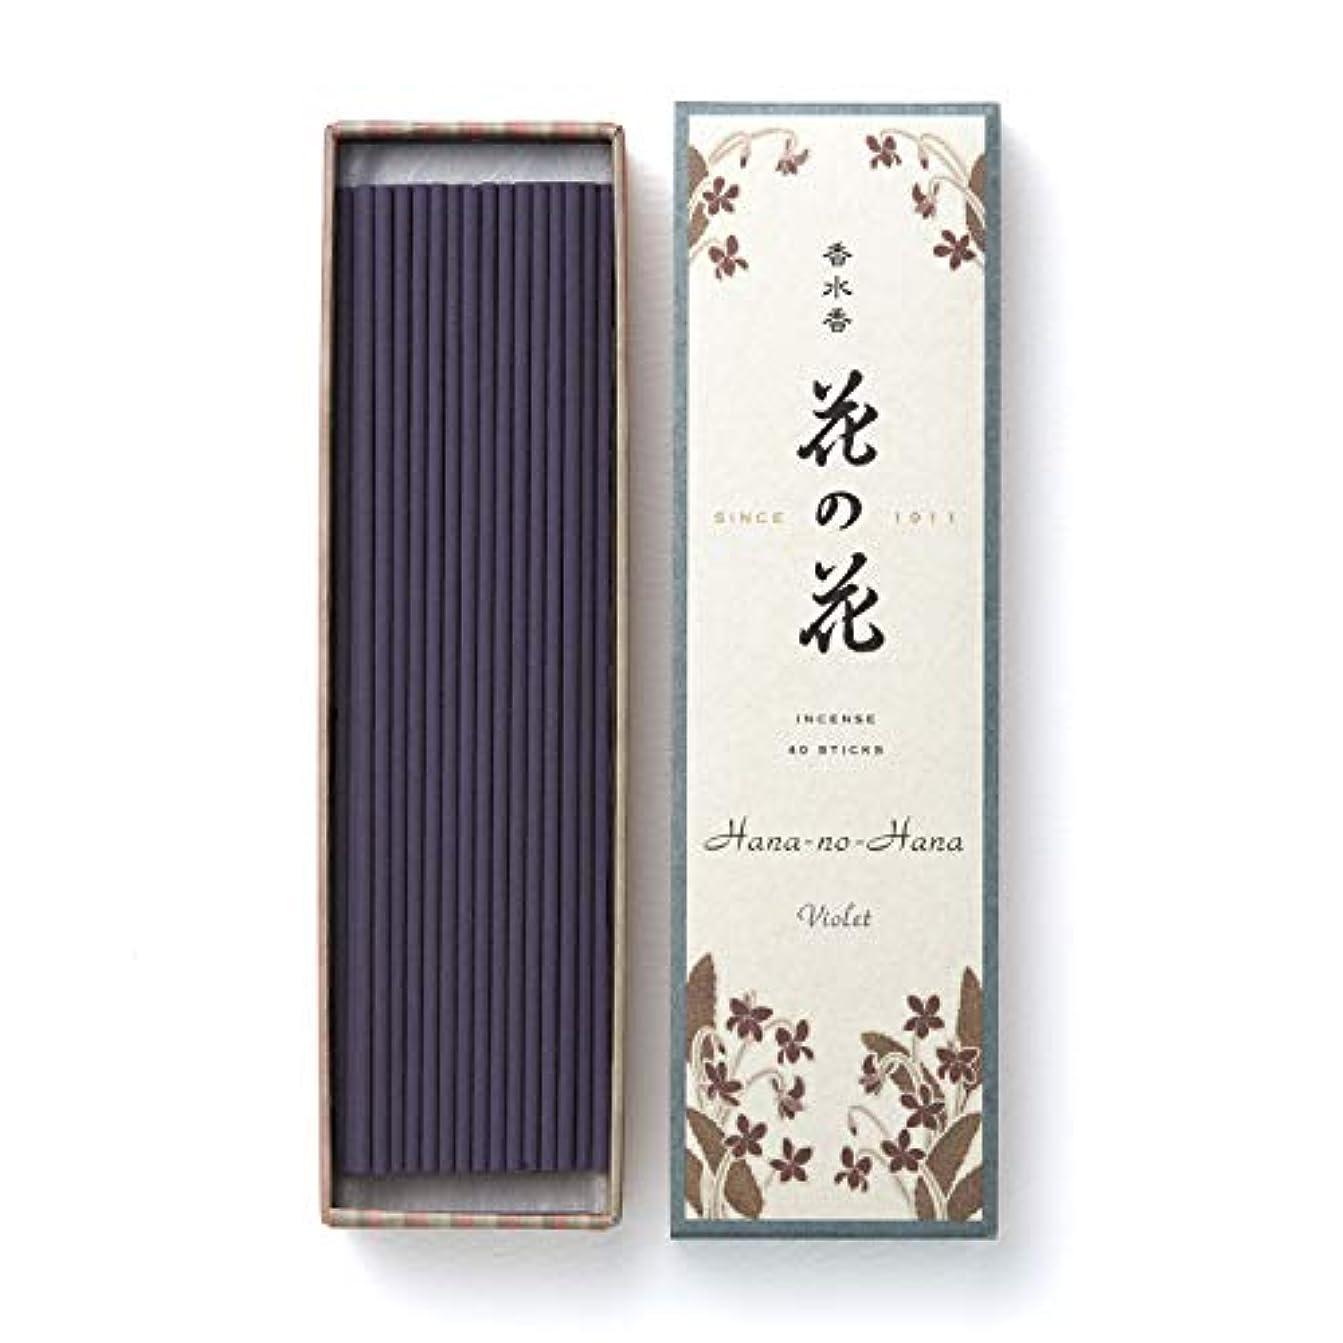 永続パン名前日本香堂 花の花 すみれ 長寸40本入